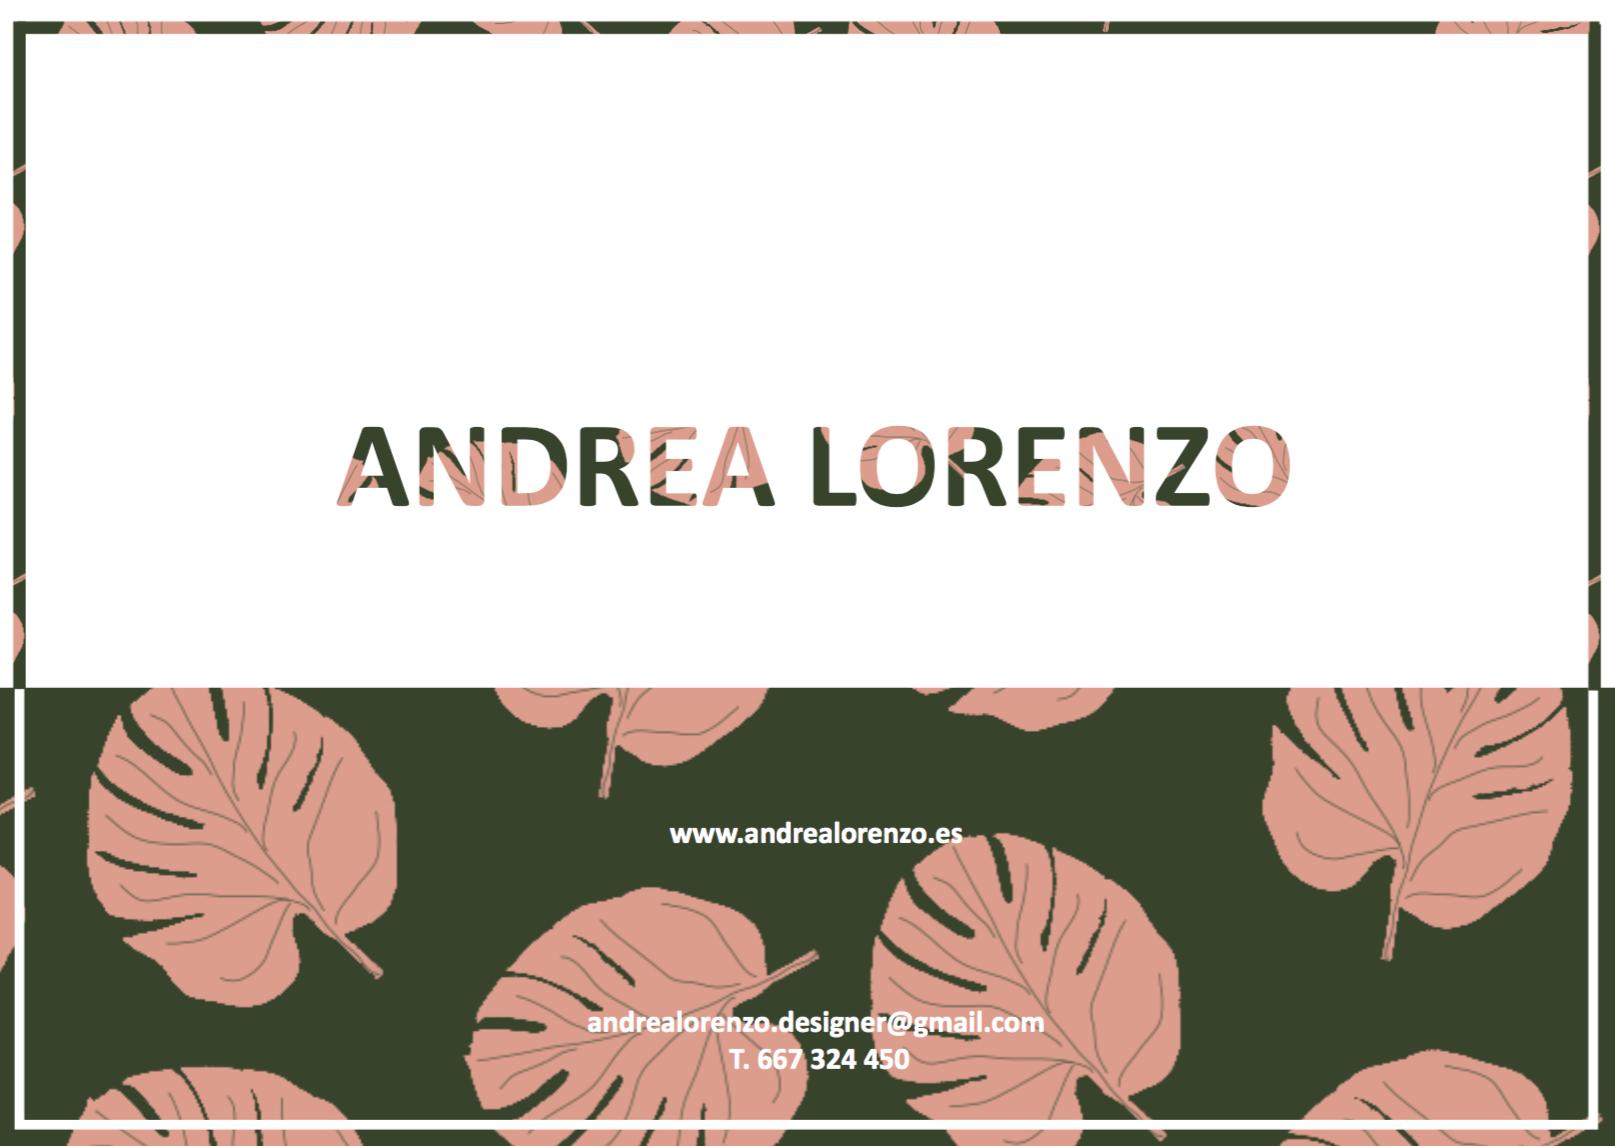 andrealorenzo_bershka_exoticnature